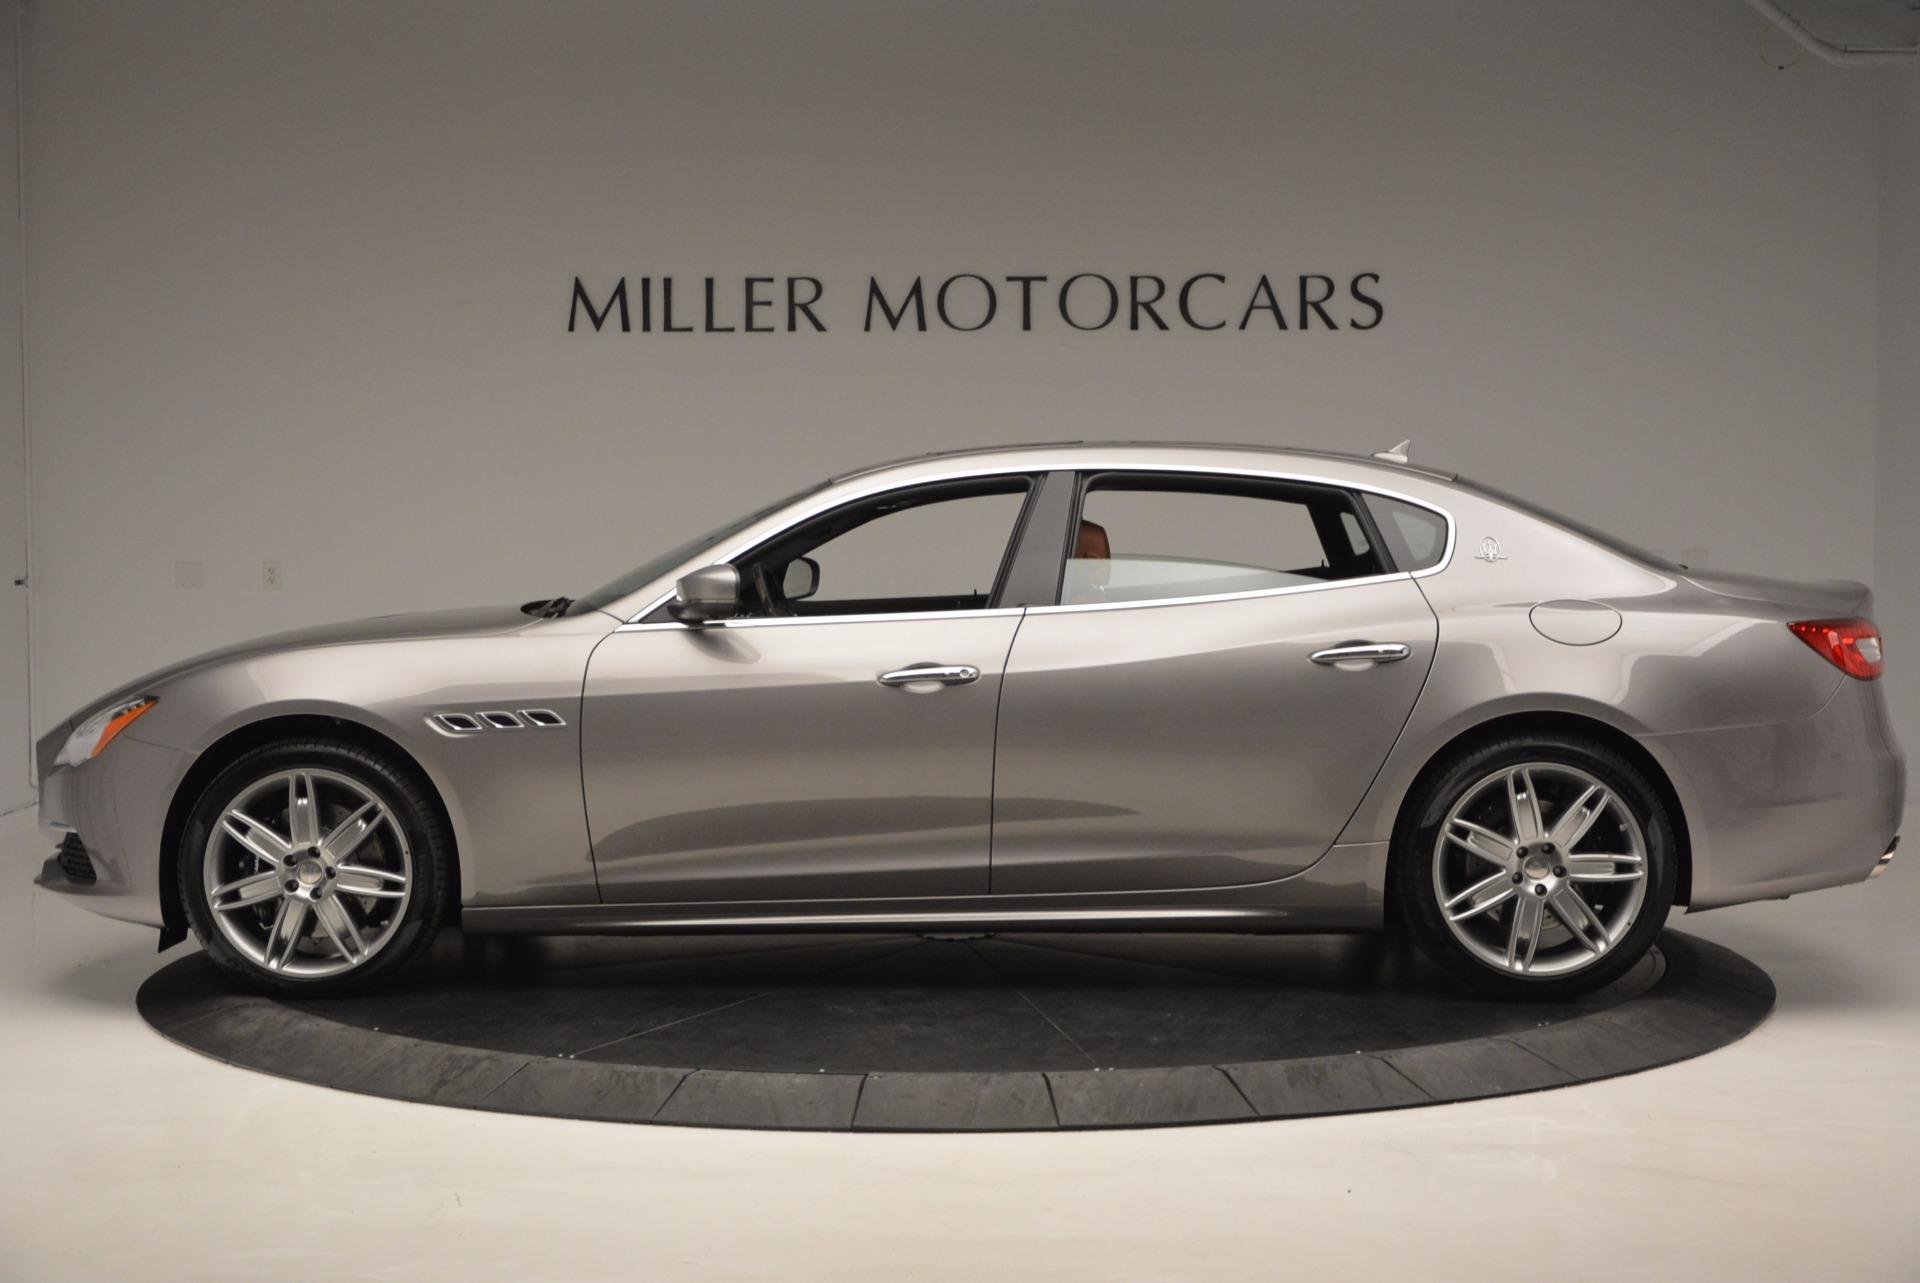 New 2017 Maserati Quattroporte S Q4 GranLusso For Sale In Greenwich, CT 1266_p3